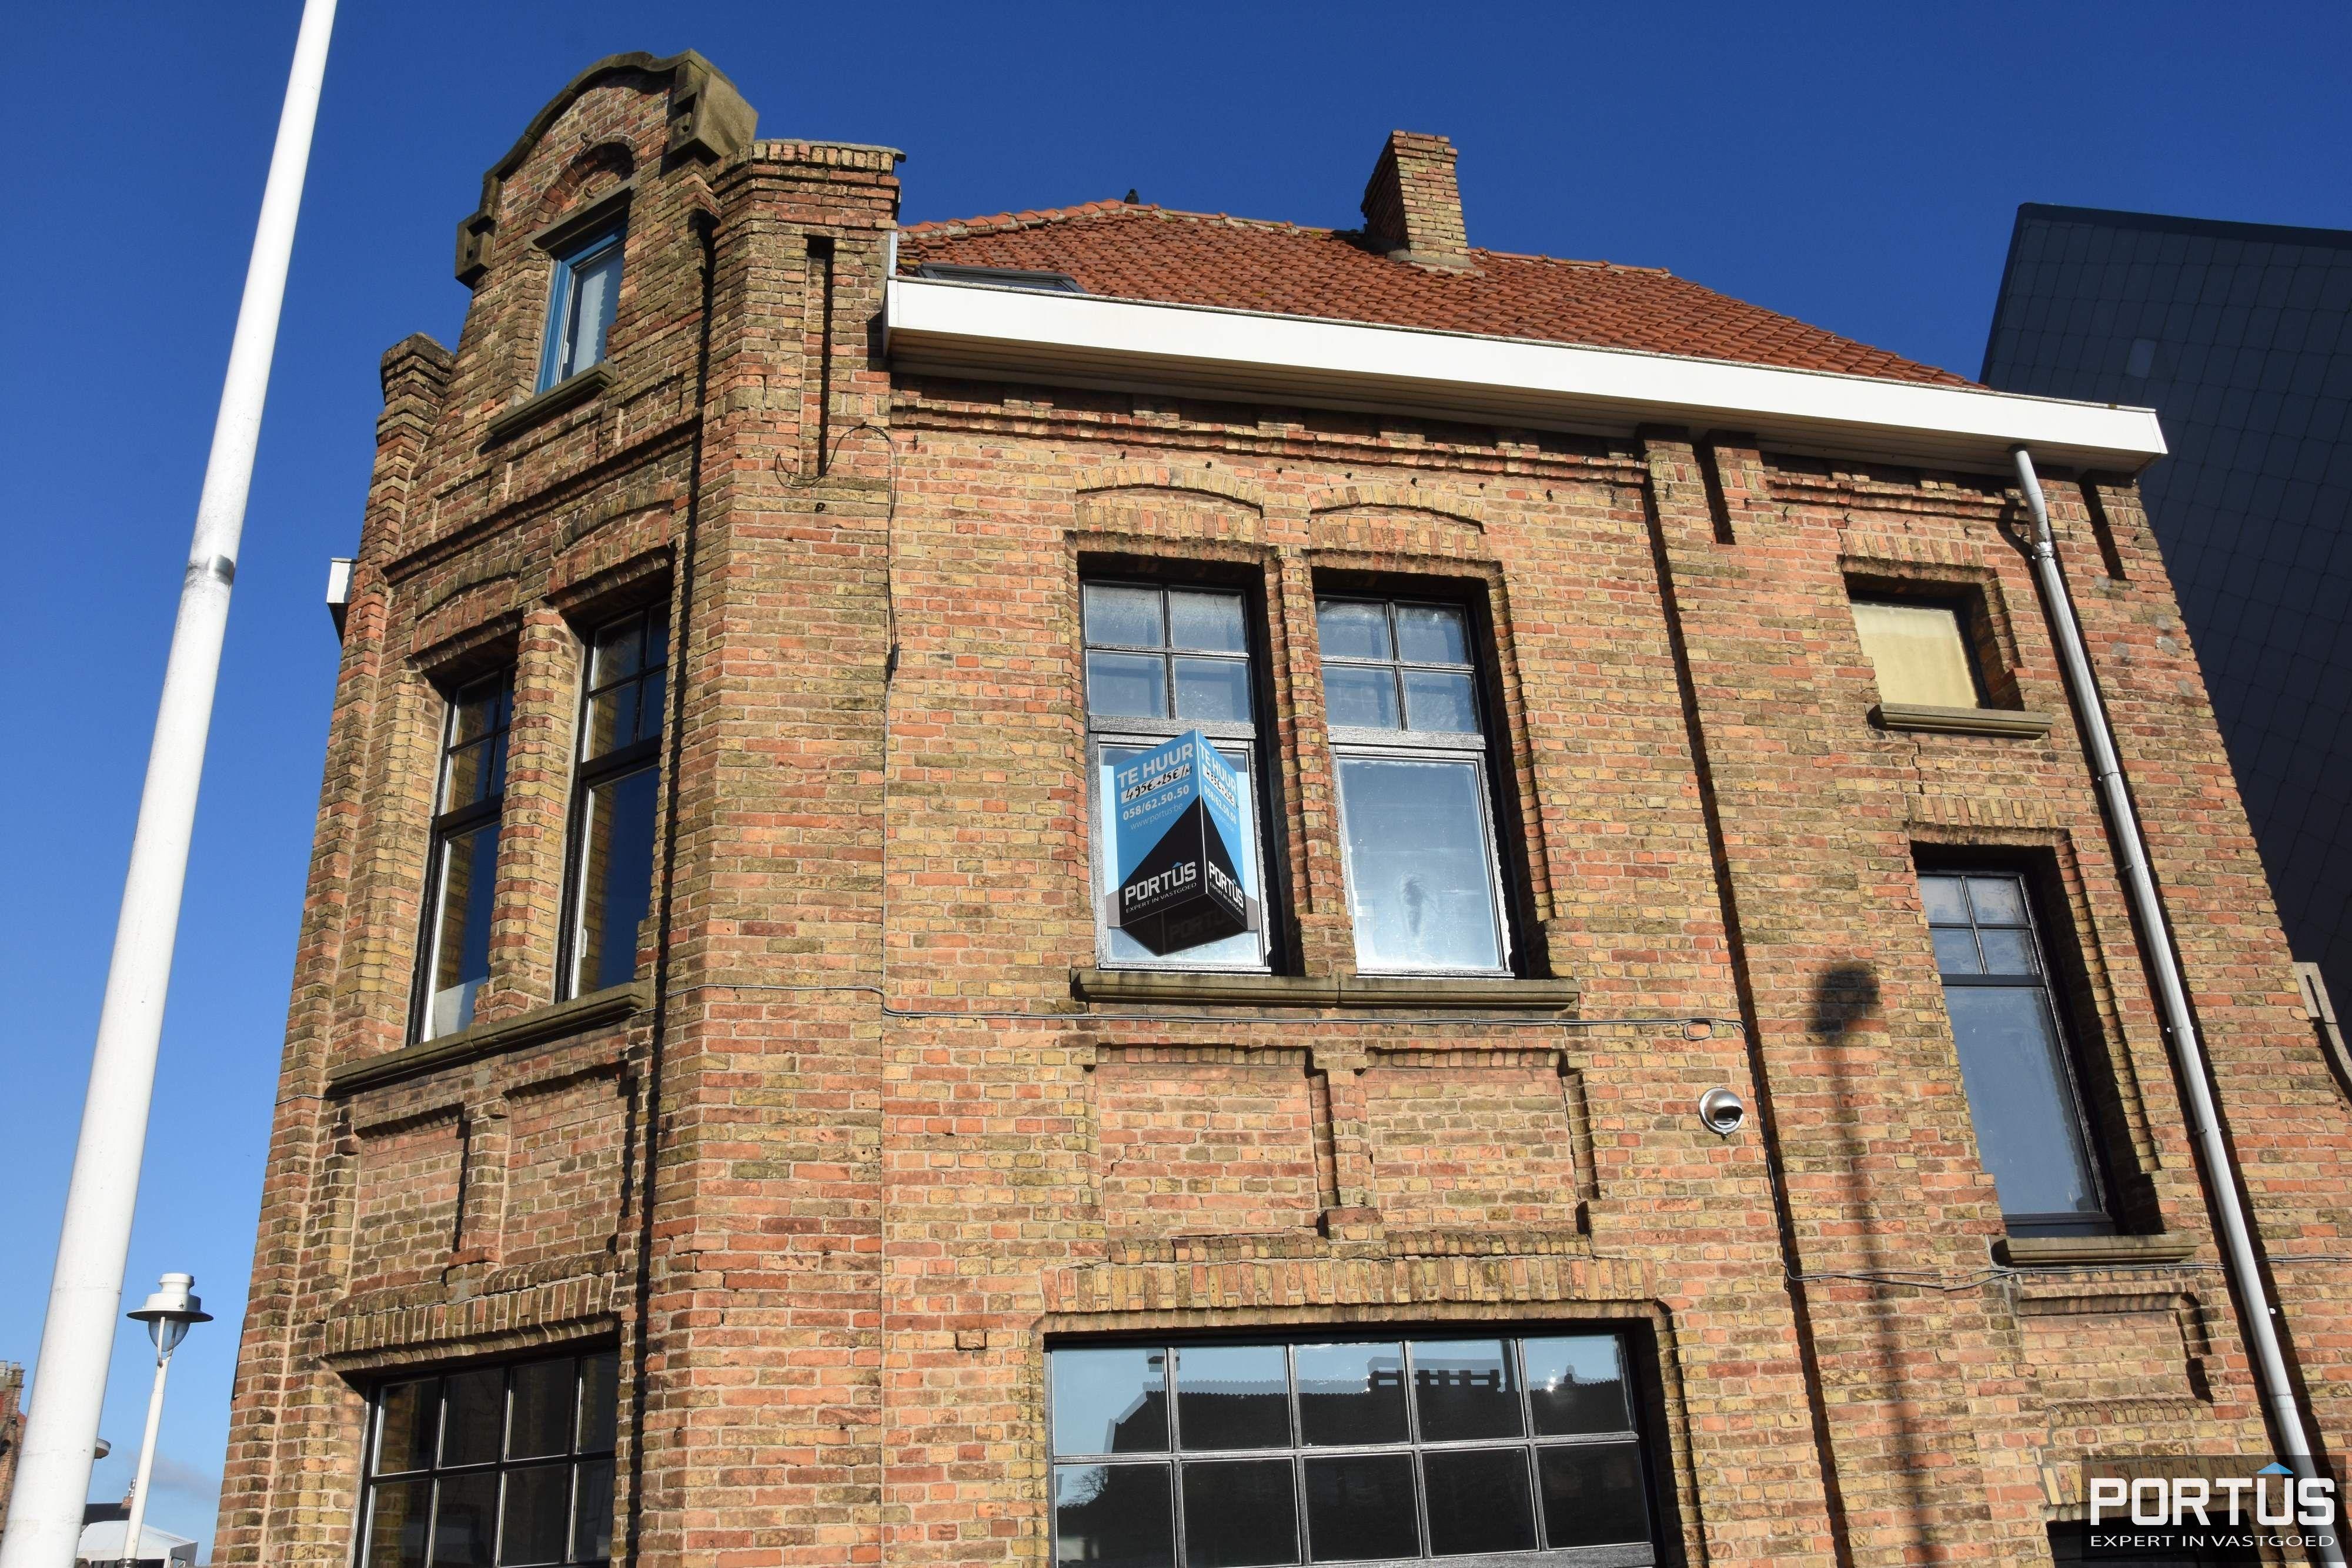 Appartement te huur Nieuwpoort - 6819